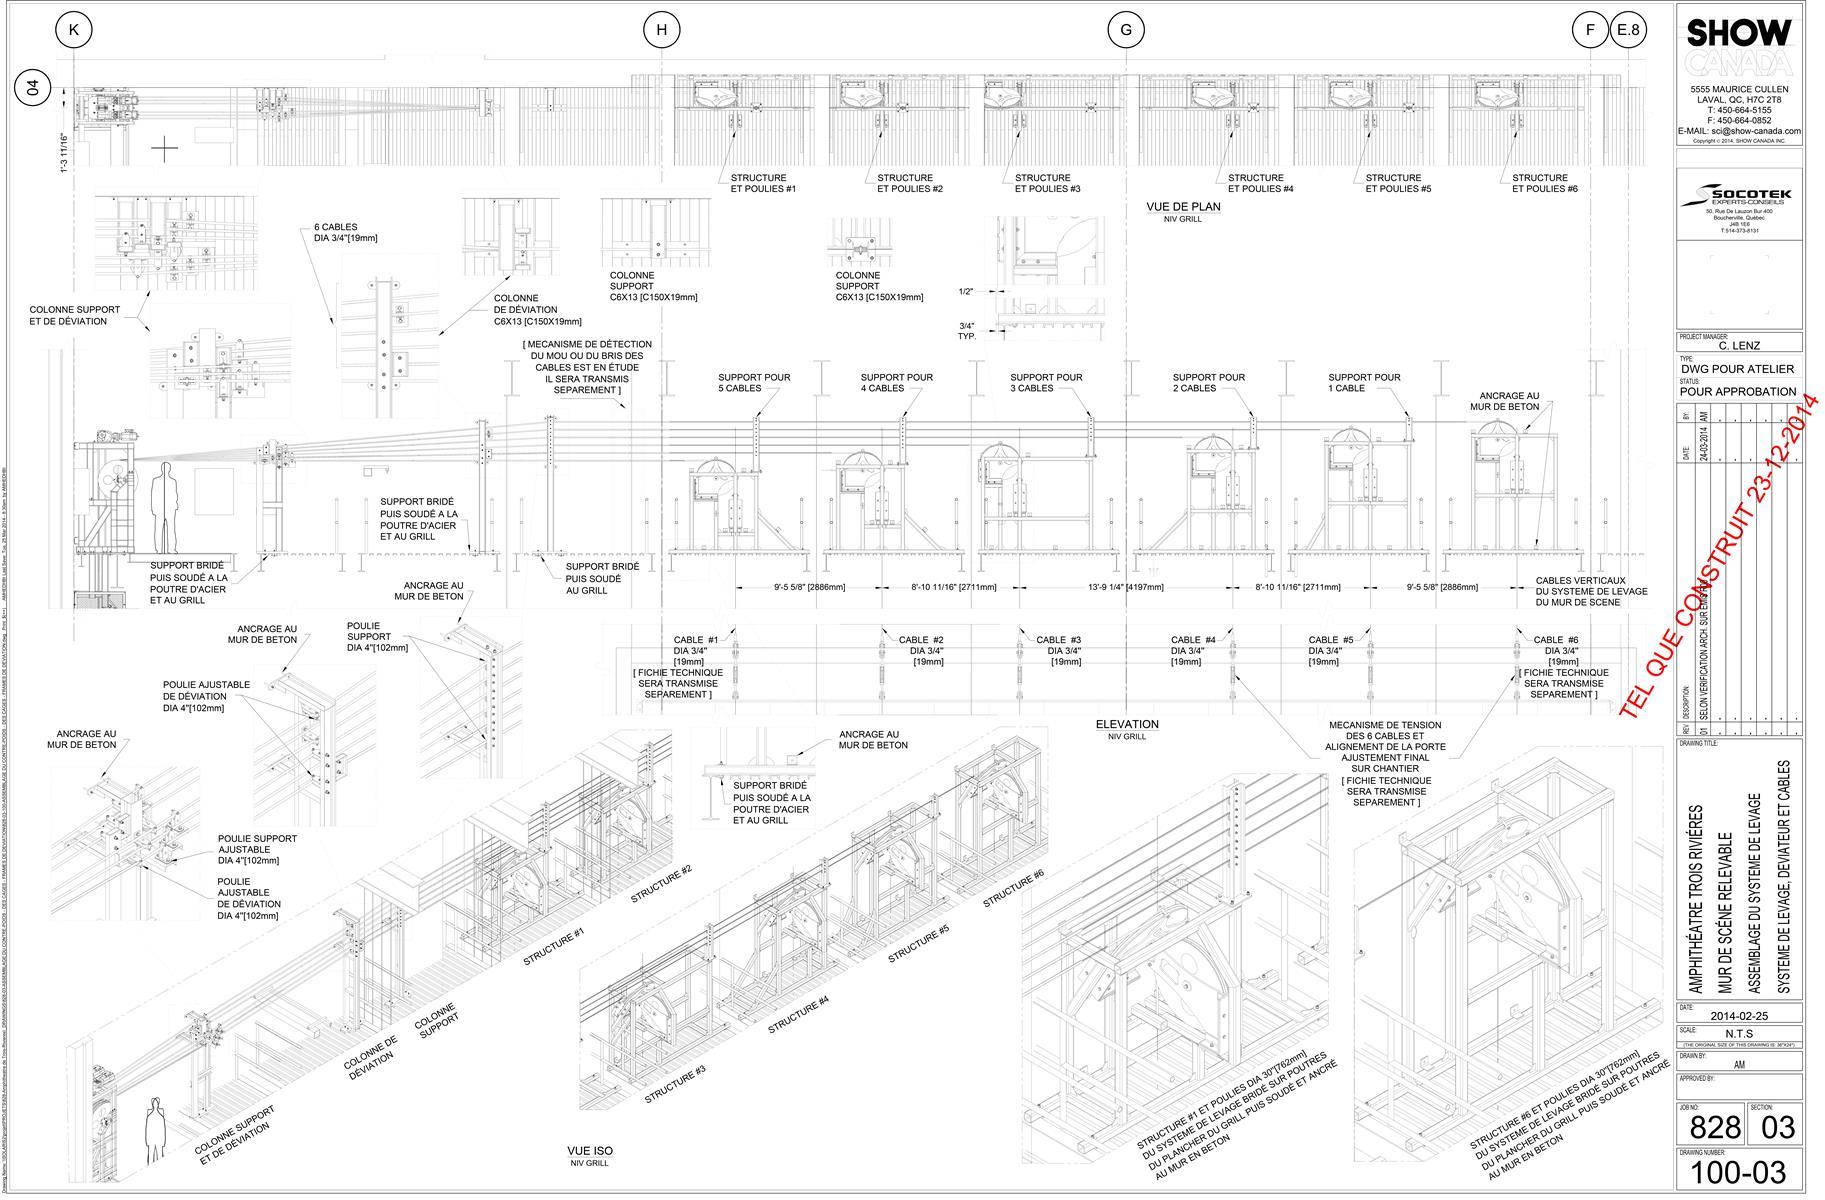 ATRV-Mur-de-scene-Show-Canada-76_1825x1200.jpg